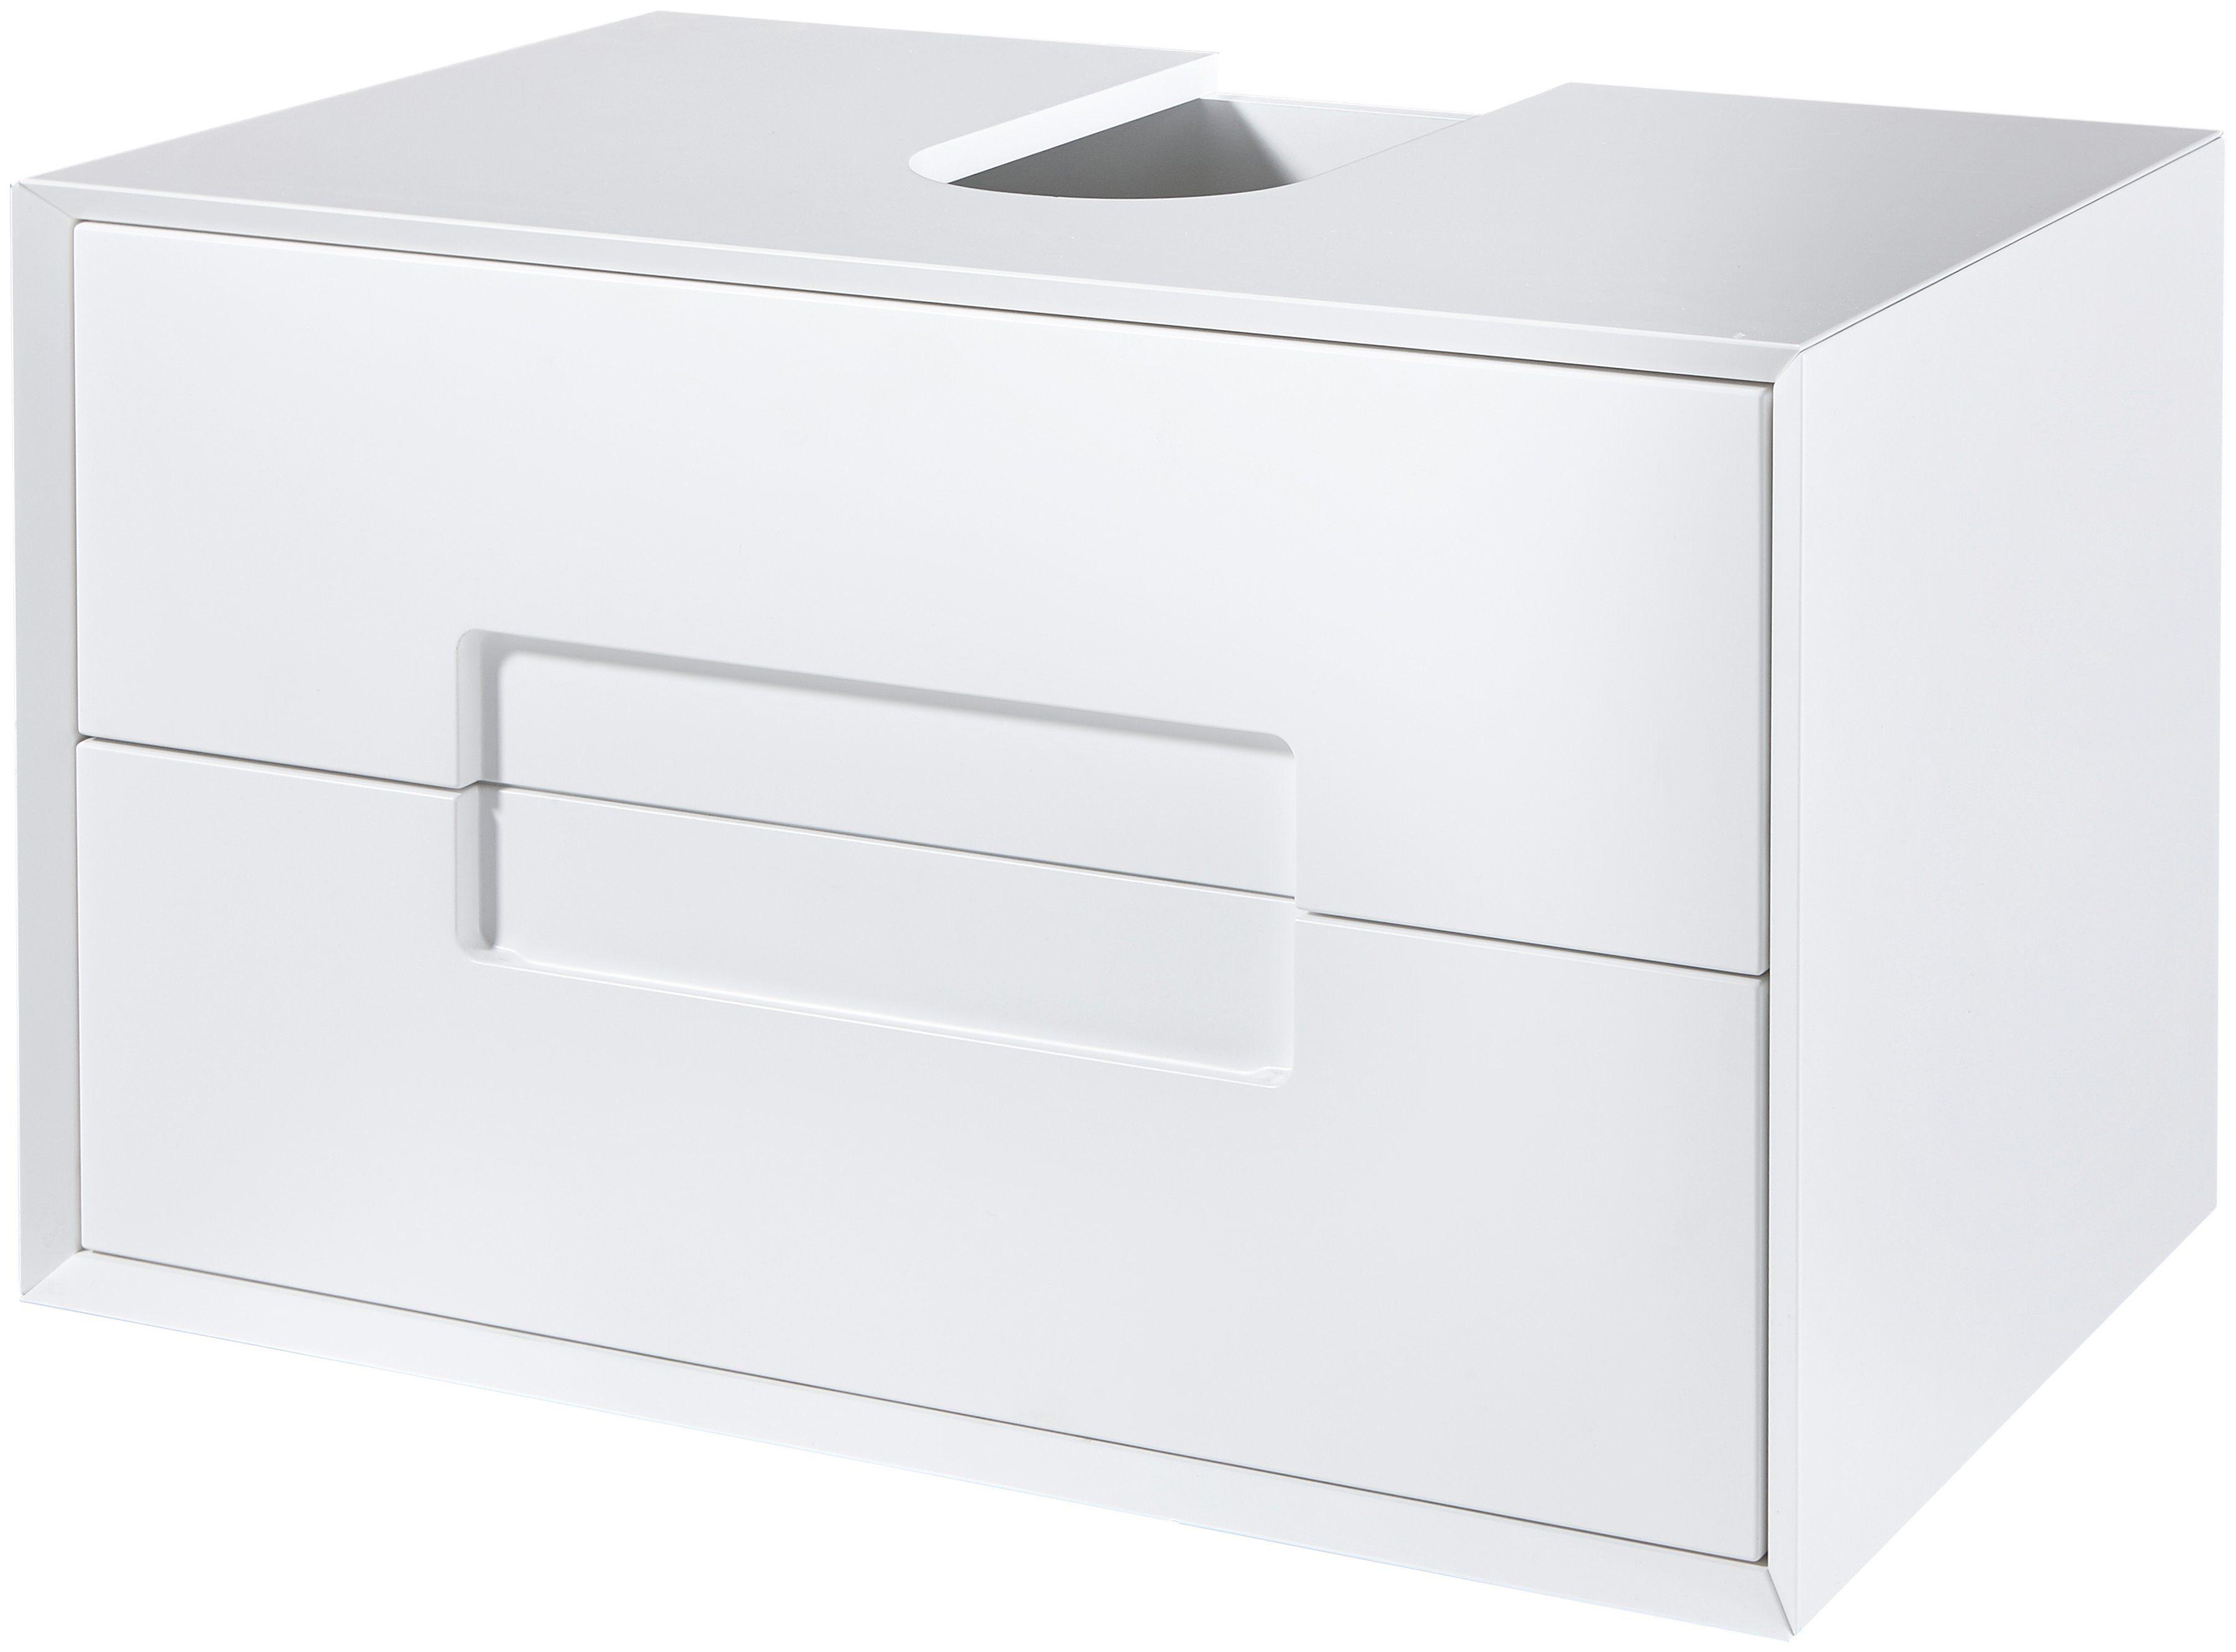 ORISTO Waschbeckenunterschrank »Sina«, Breite 72 cm